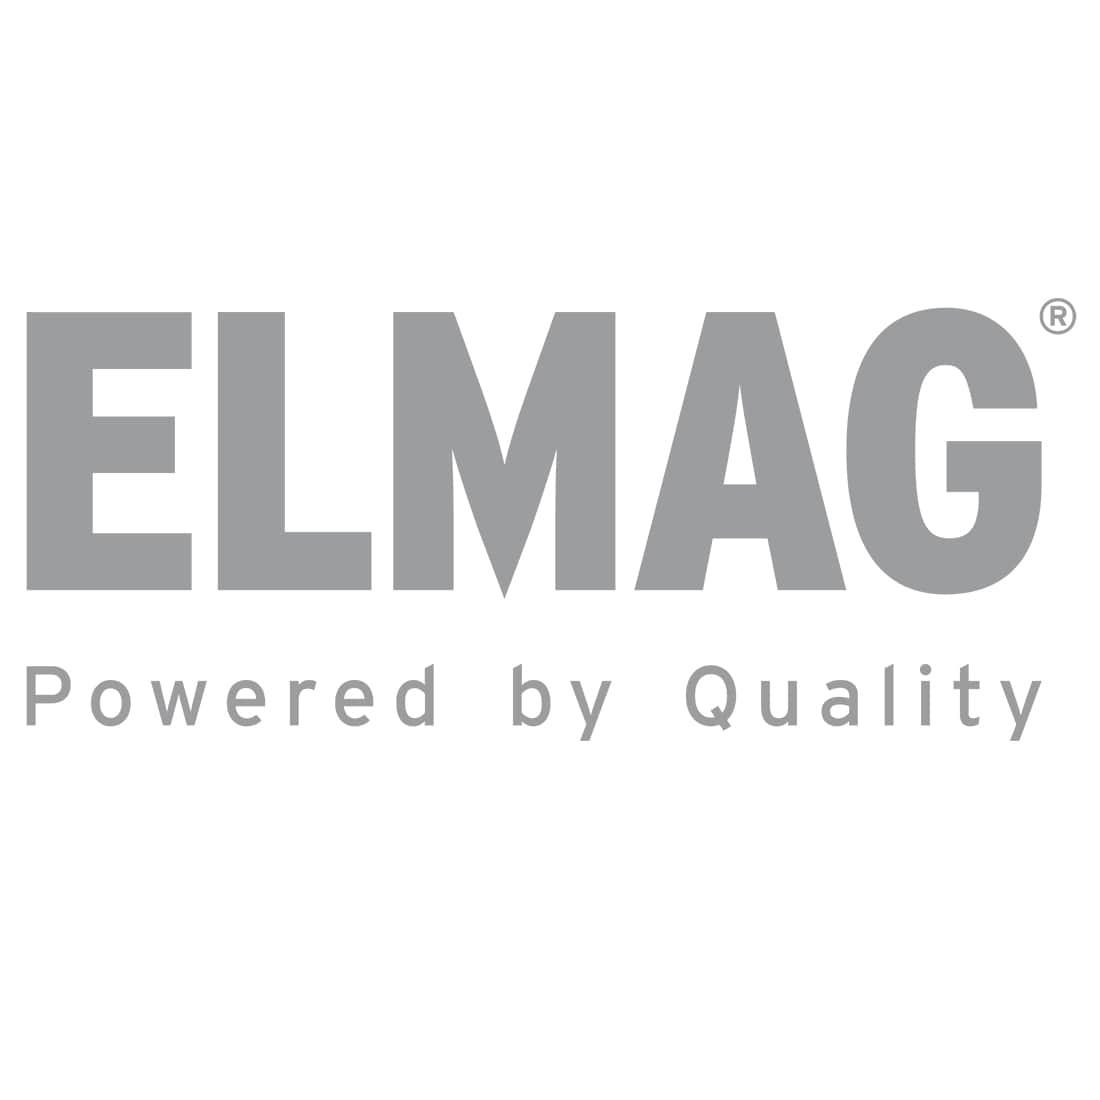 Spannungs-, 3xStromstärke- und Frequenzmessgerät mit Umschalter 3x400 Volt